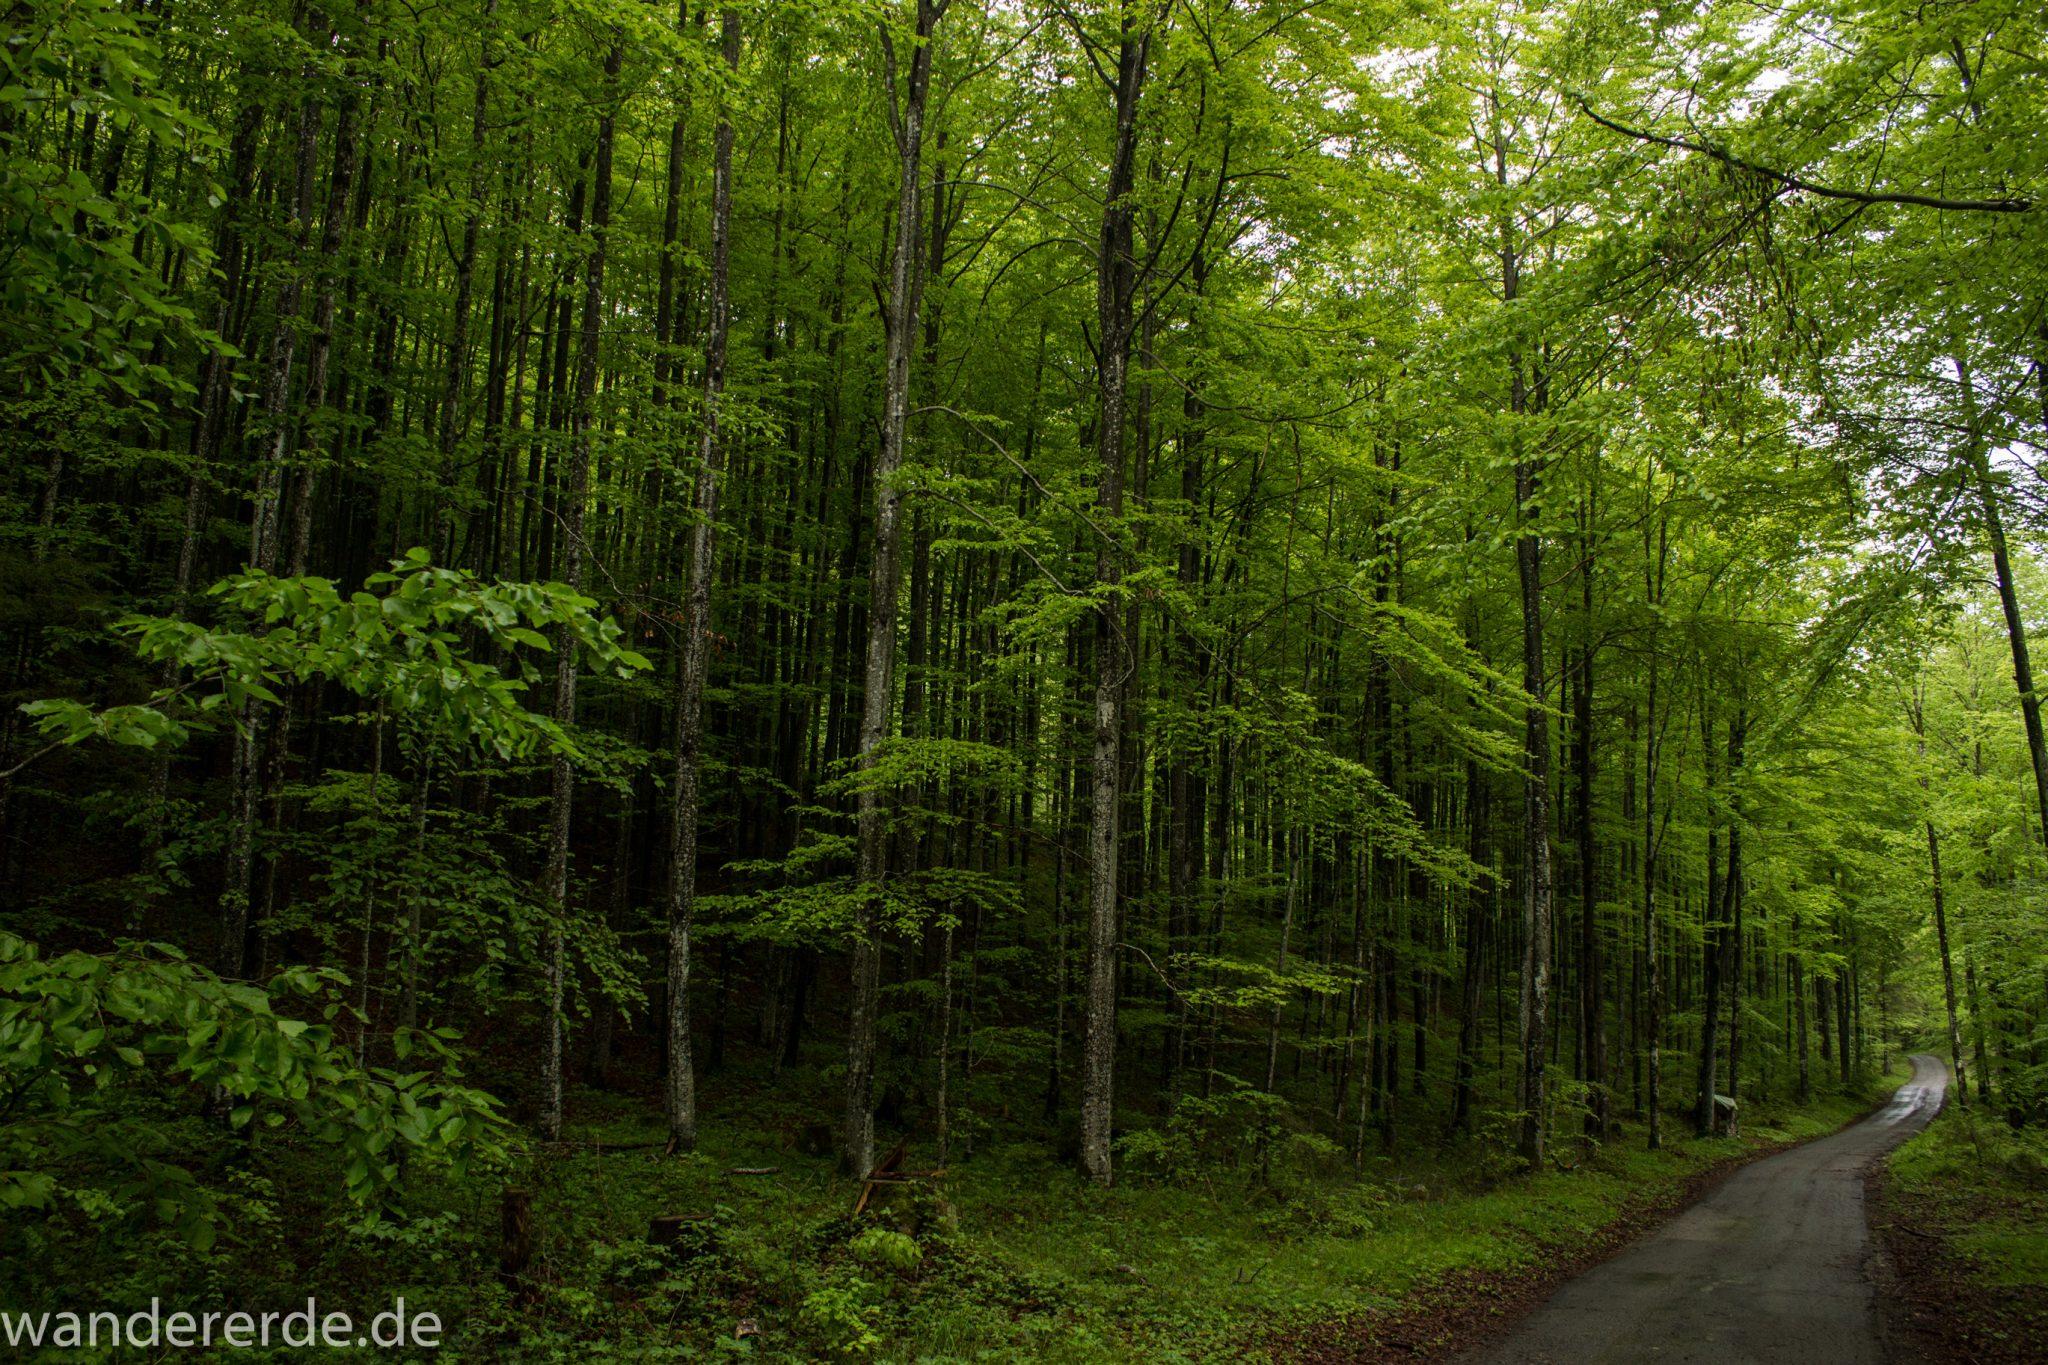 Wanderung beim Alpsee bei Hohenschwangau, Rundwanderweg durch Laubwald und Nadelwald, Frühling in Bayern